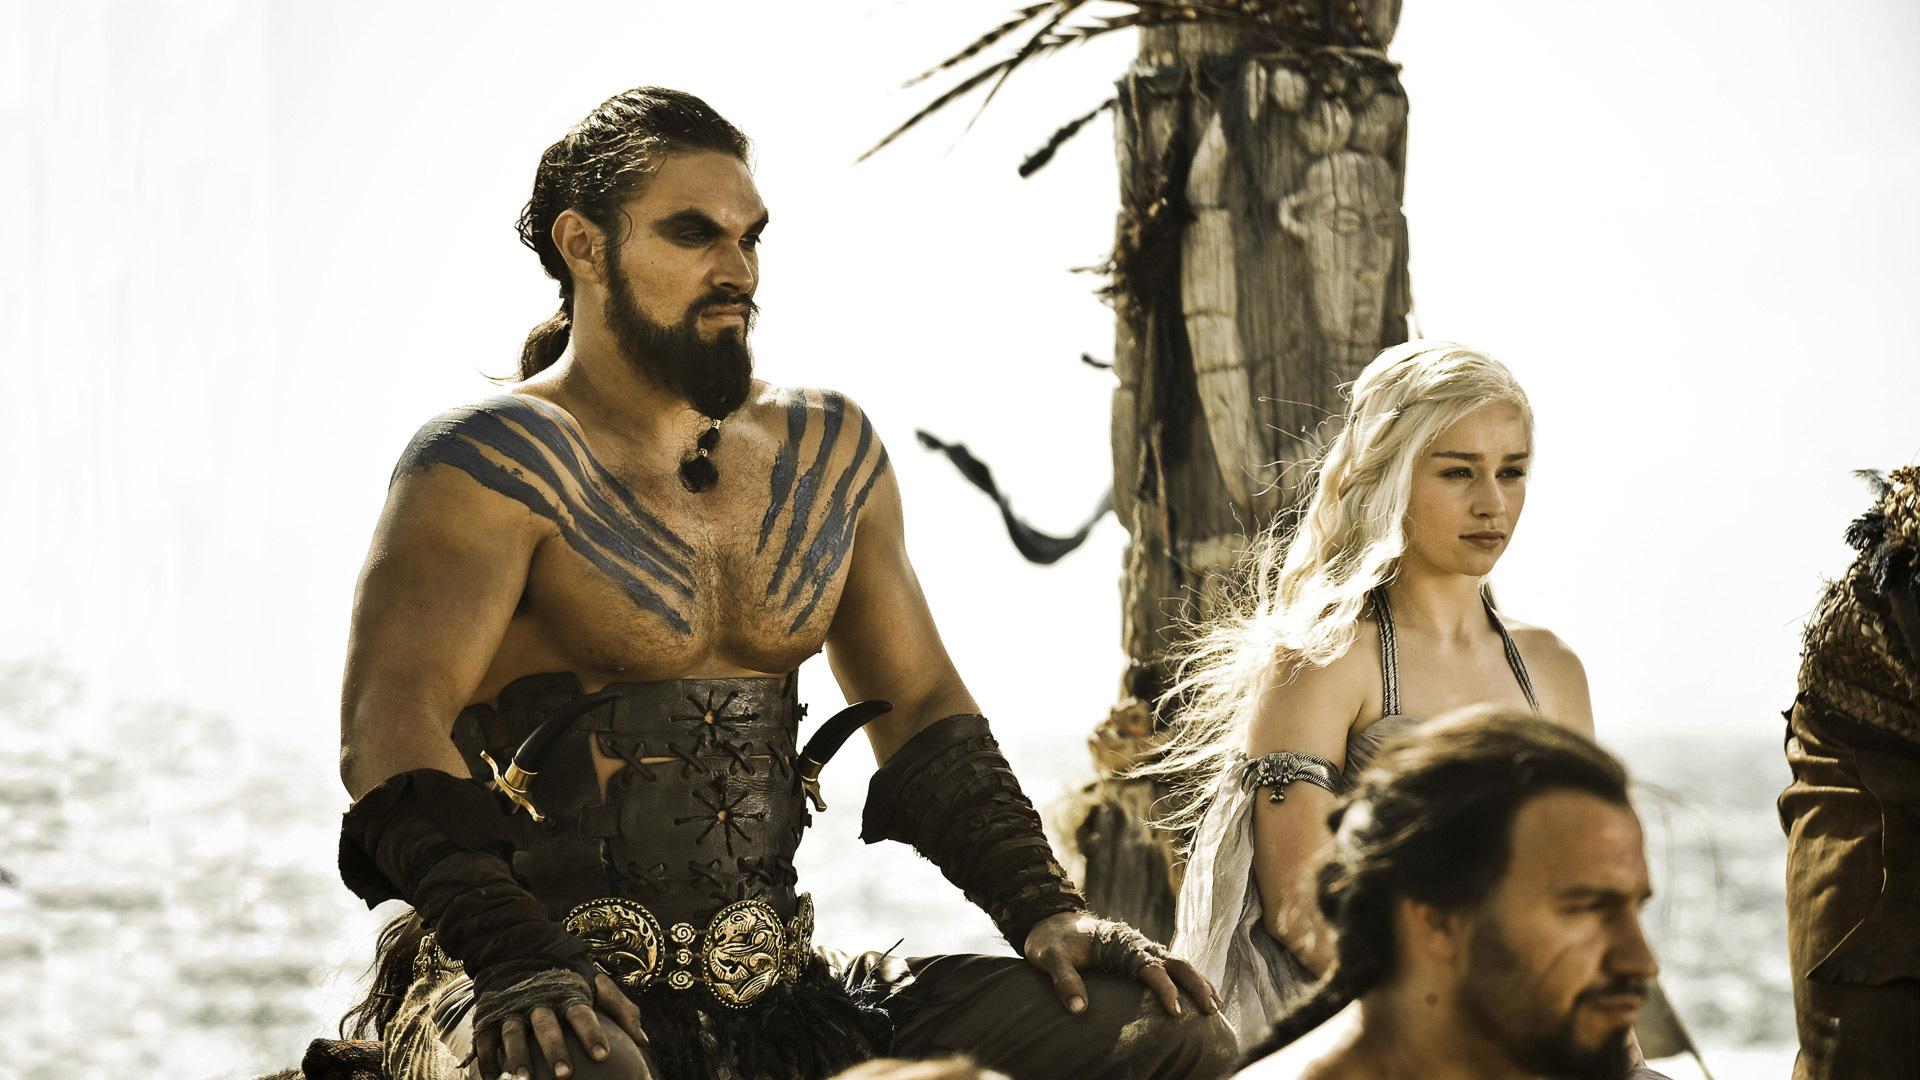 People Model Fashion Game Of Thrones Emilia Clarke Spring Mythology Daenerys Targaryen Khal Drogo Photograph Performance